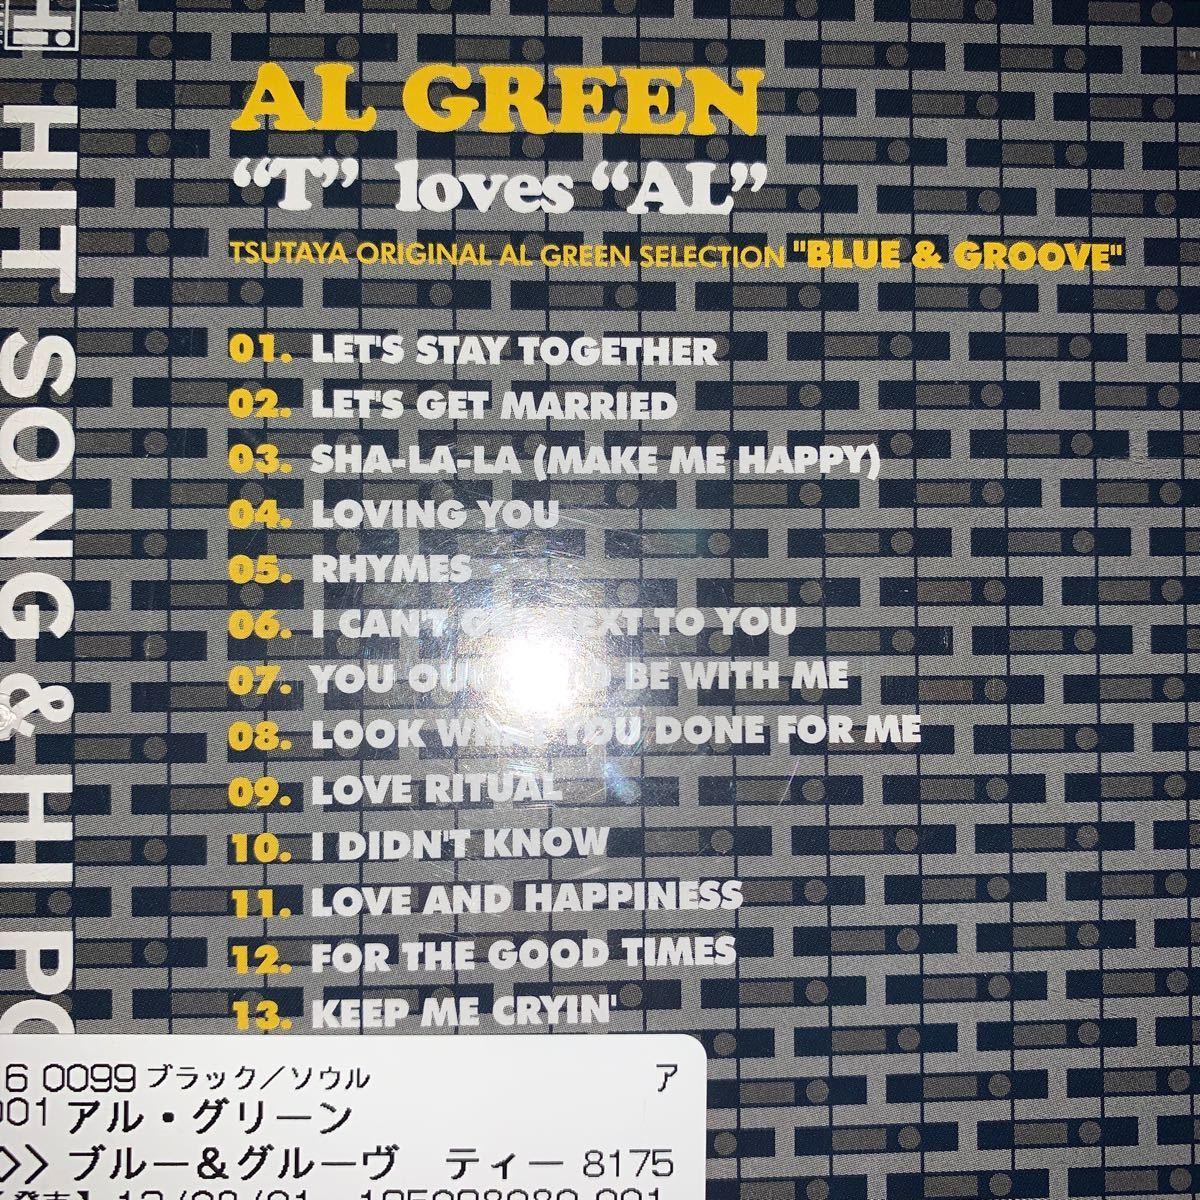 CD ALGREEN